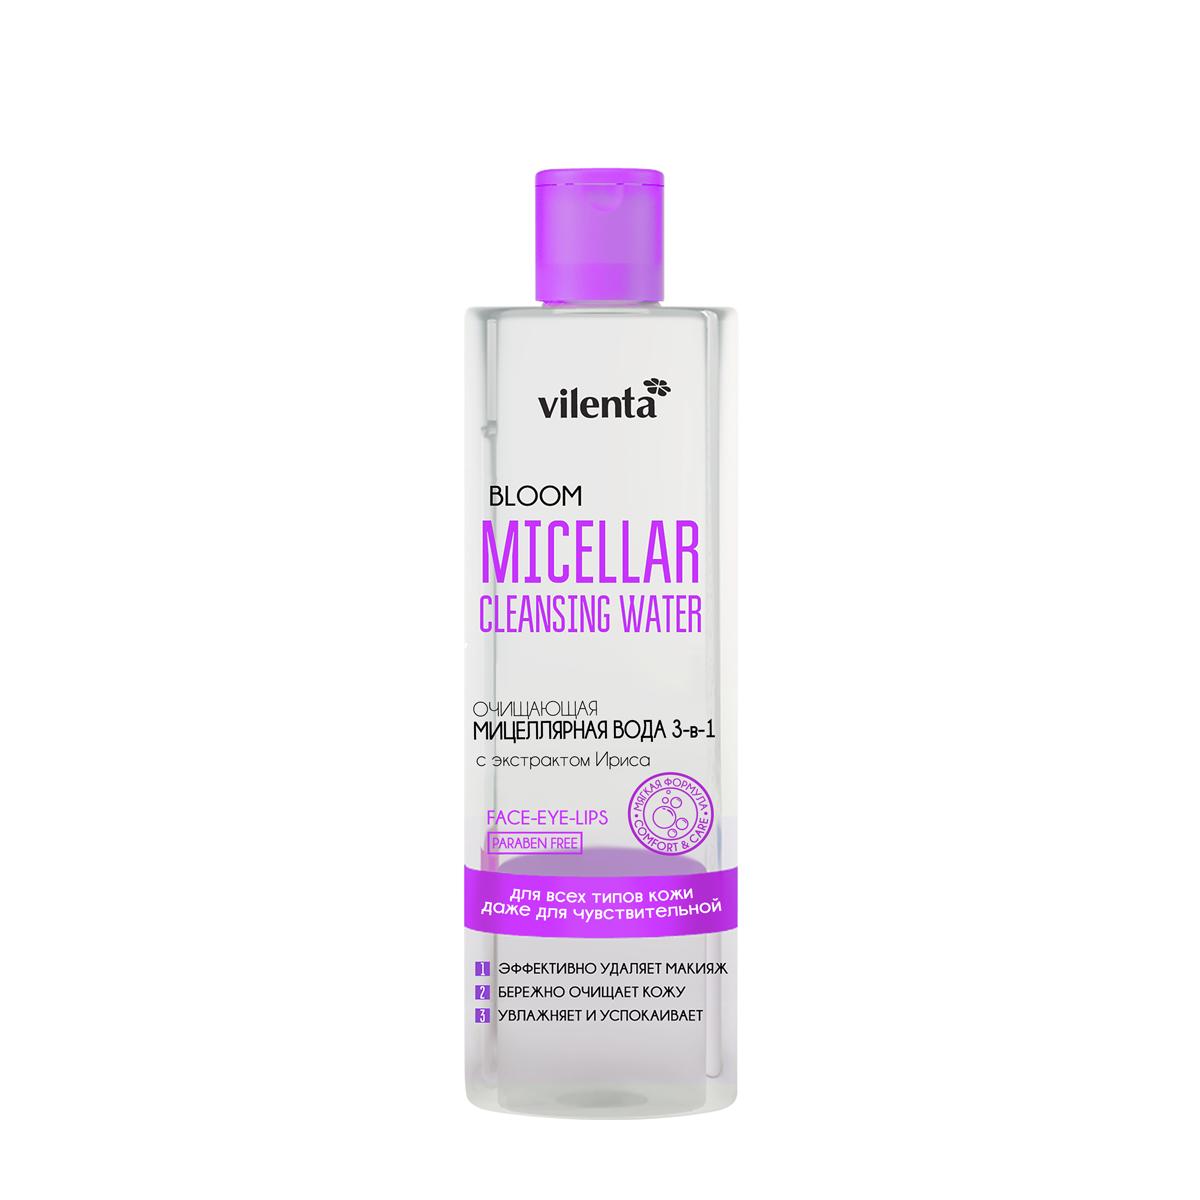 Vilenta Мицеллярная вода для снятия макияжа Bloom, 200 млFS-00897Средство 3в1 для снятия даже стойкого макияжа на основе мицеллярной технологии, обогащенное увлажняющими и успокаивающими активными компонентами, эффективно удаляет макияж с лица, глаз и губ, бережно очищает кожу от загрязнений, не нарушая ее естественный защитный барьер.